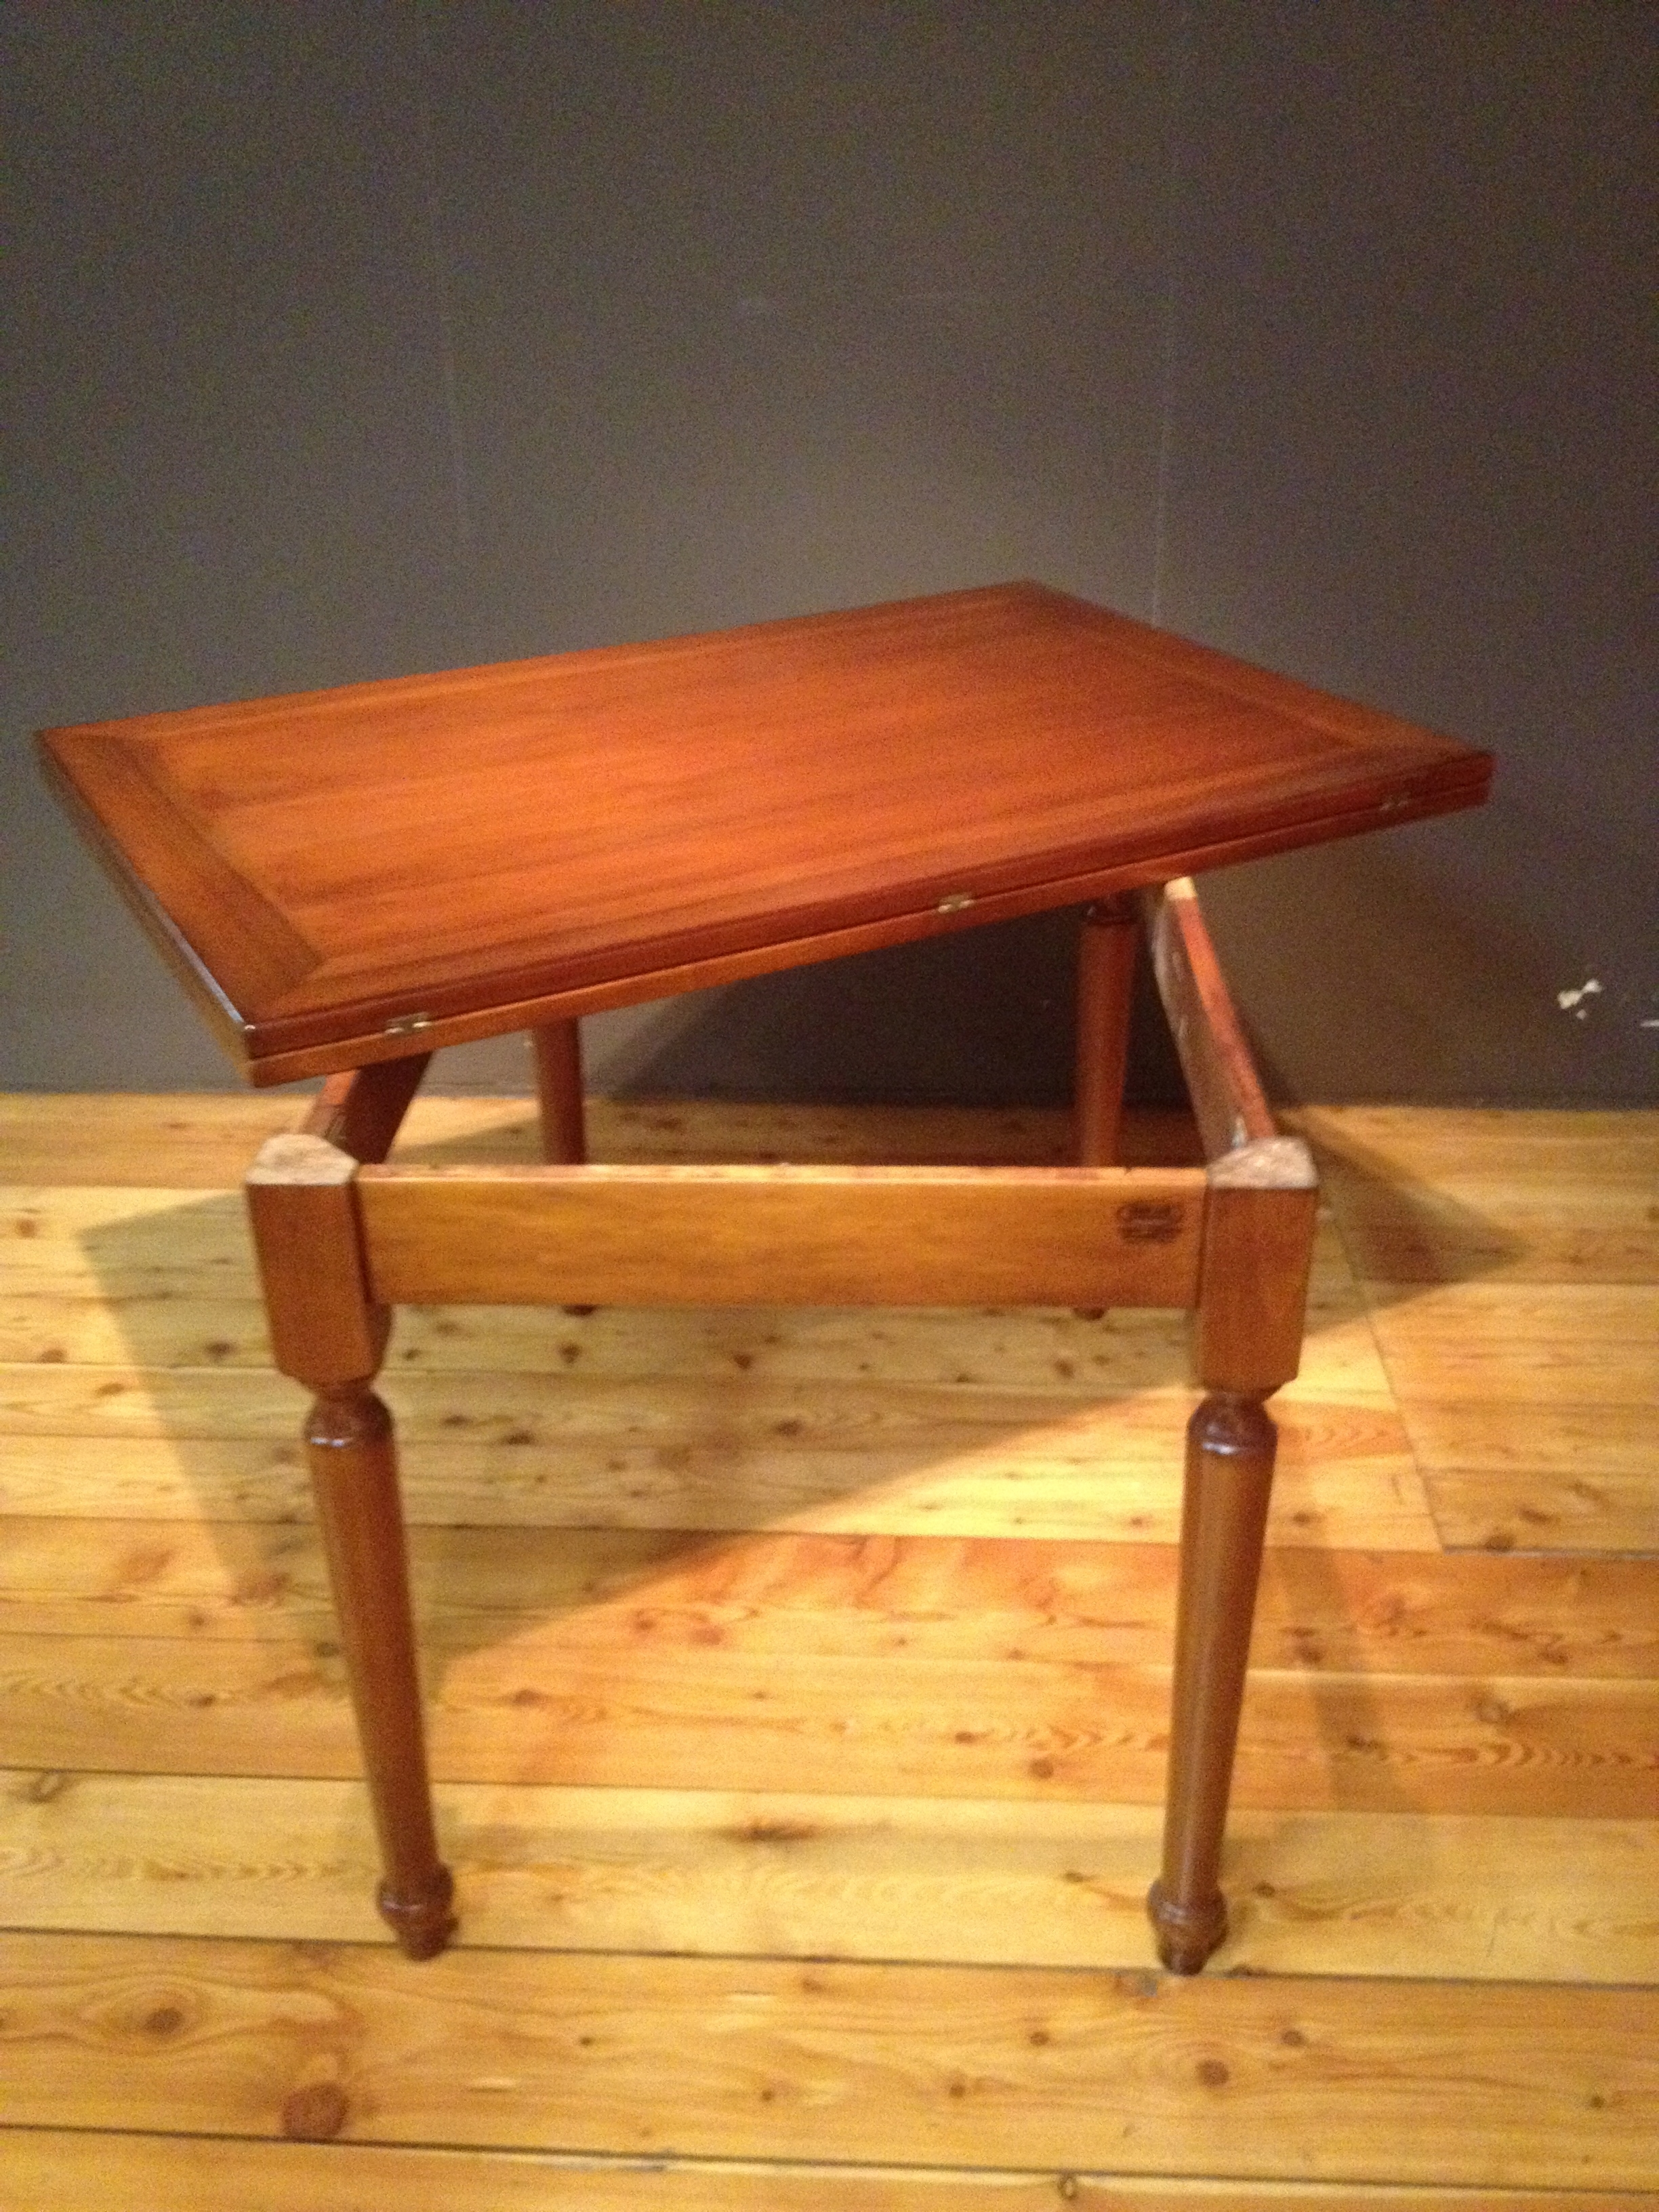 gamba legno toscana : Tavolo diametro 120 allungabile in stile classico, impiallacciato noce ...